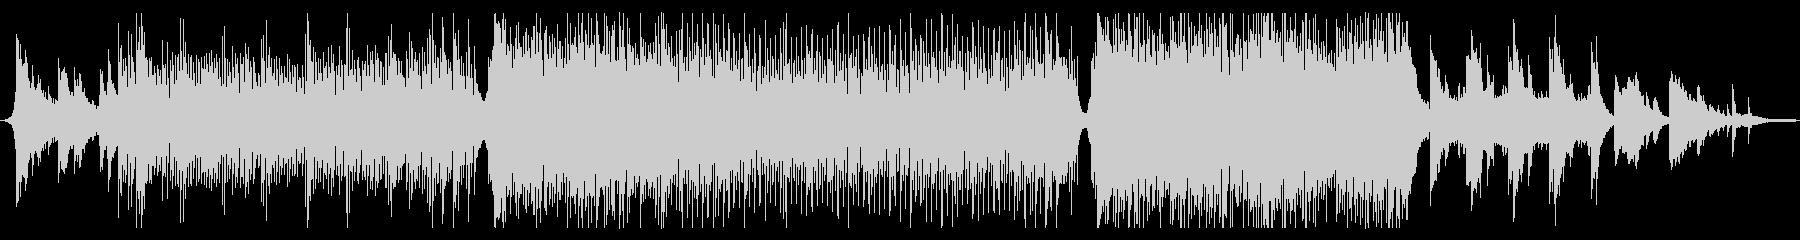 爽やかで、少し壮大な曲_アコギ生演奏の未再生の波形